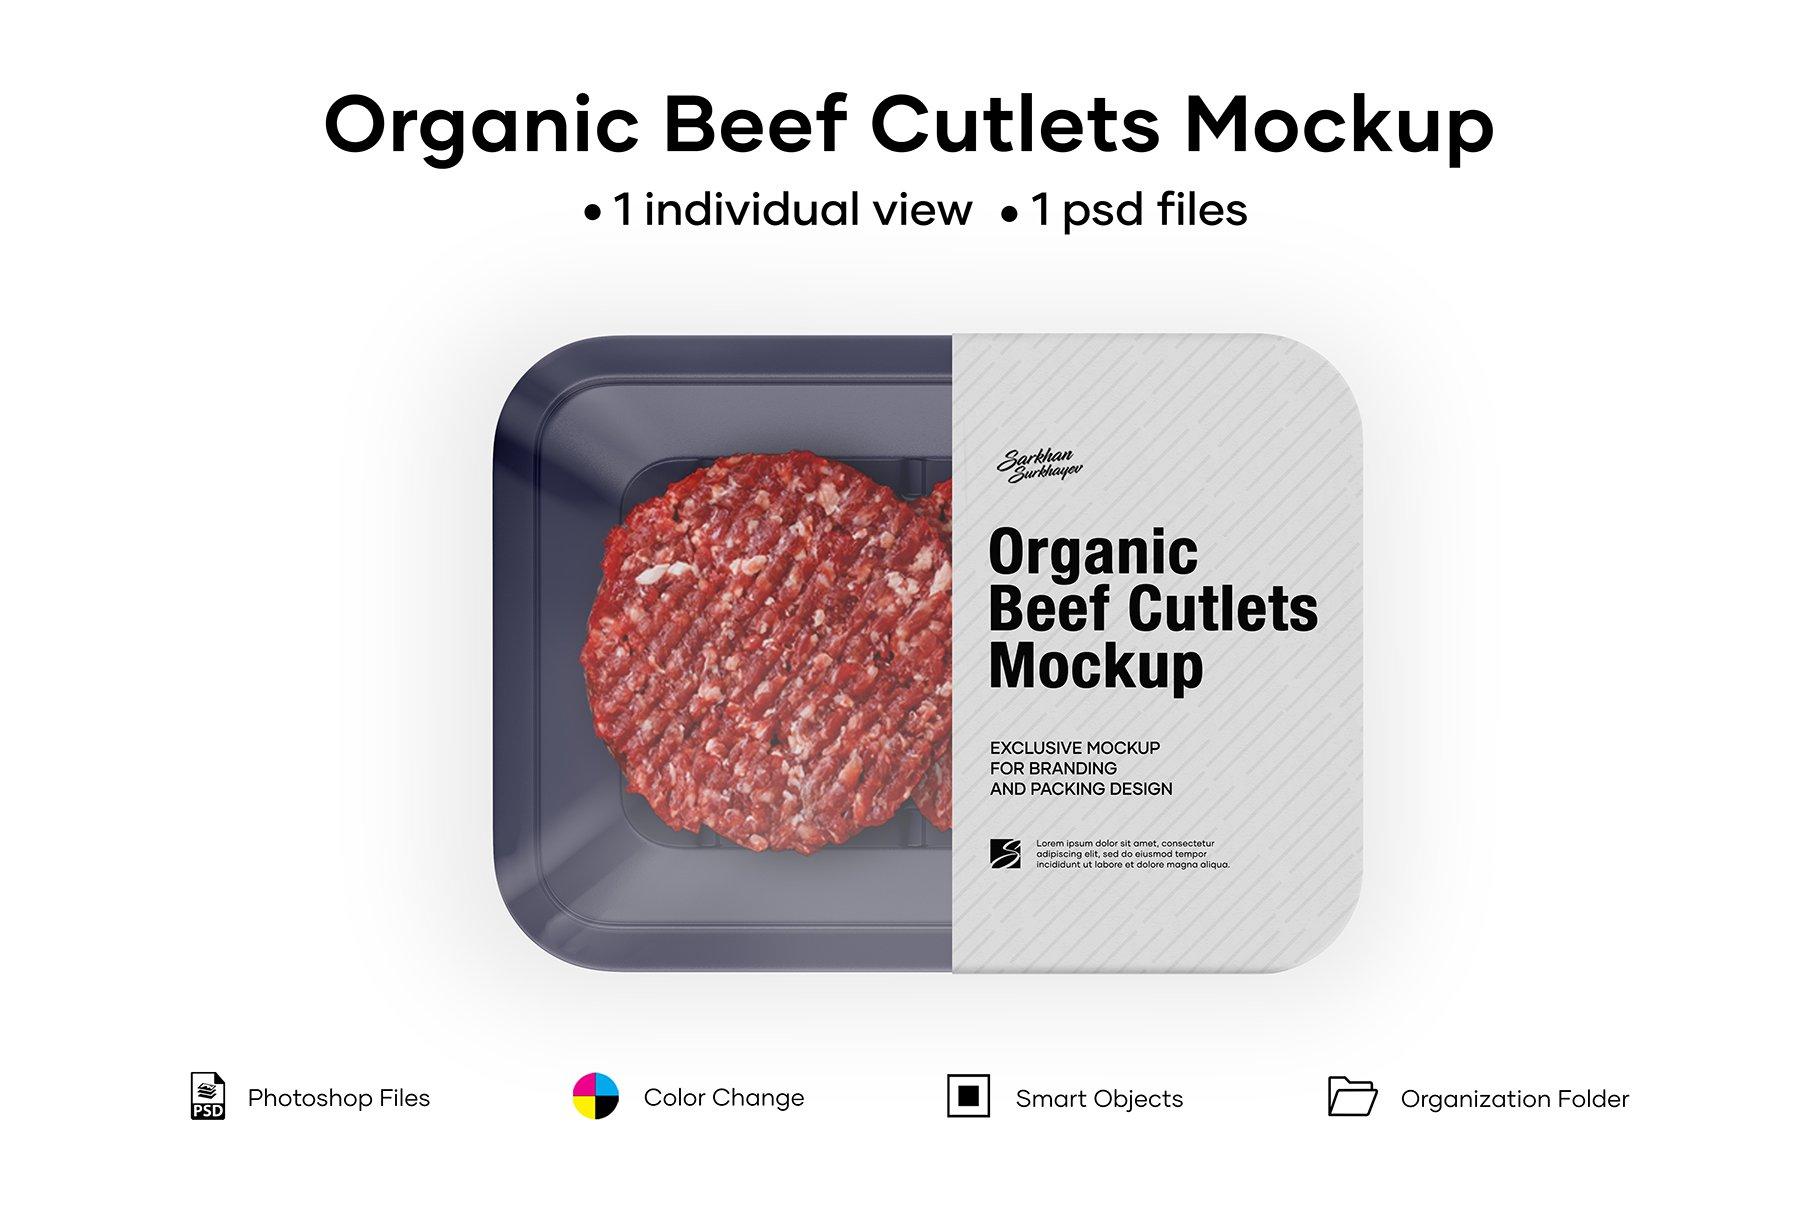 有机牛肉饼托盘设计展示样机 Organic Beef Cutlets Mockup插图